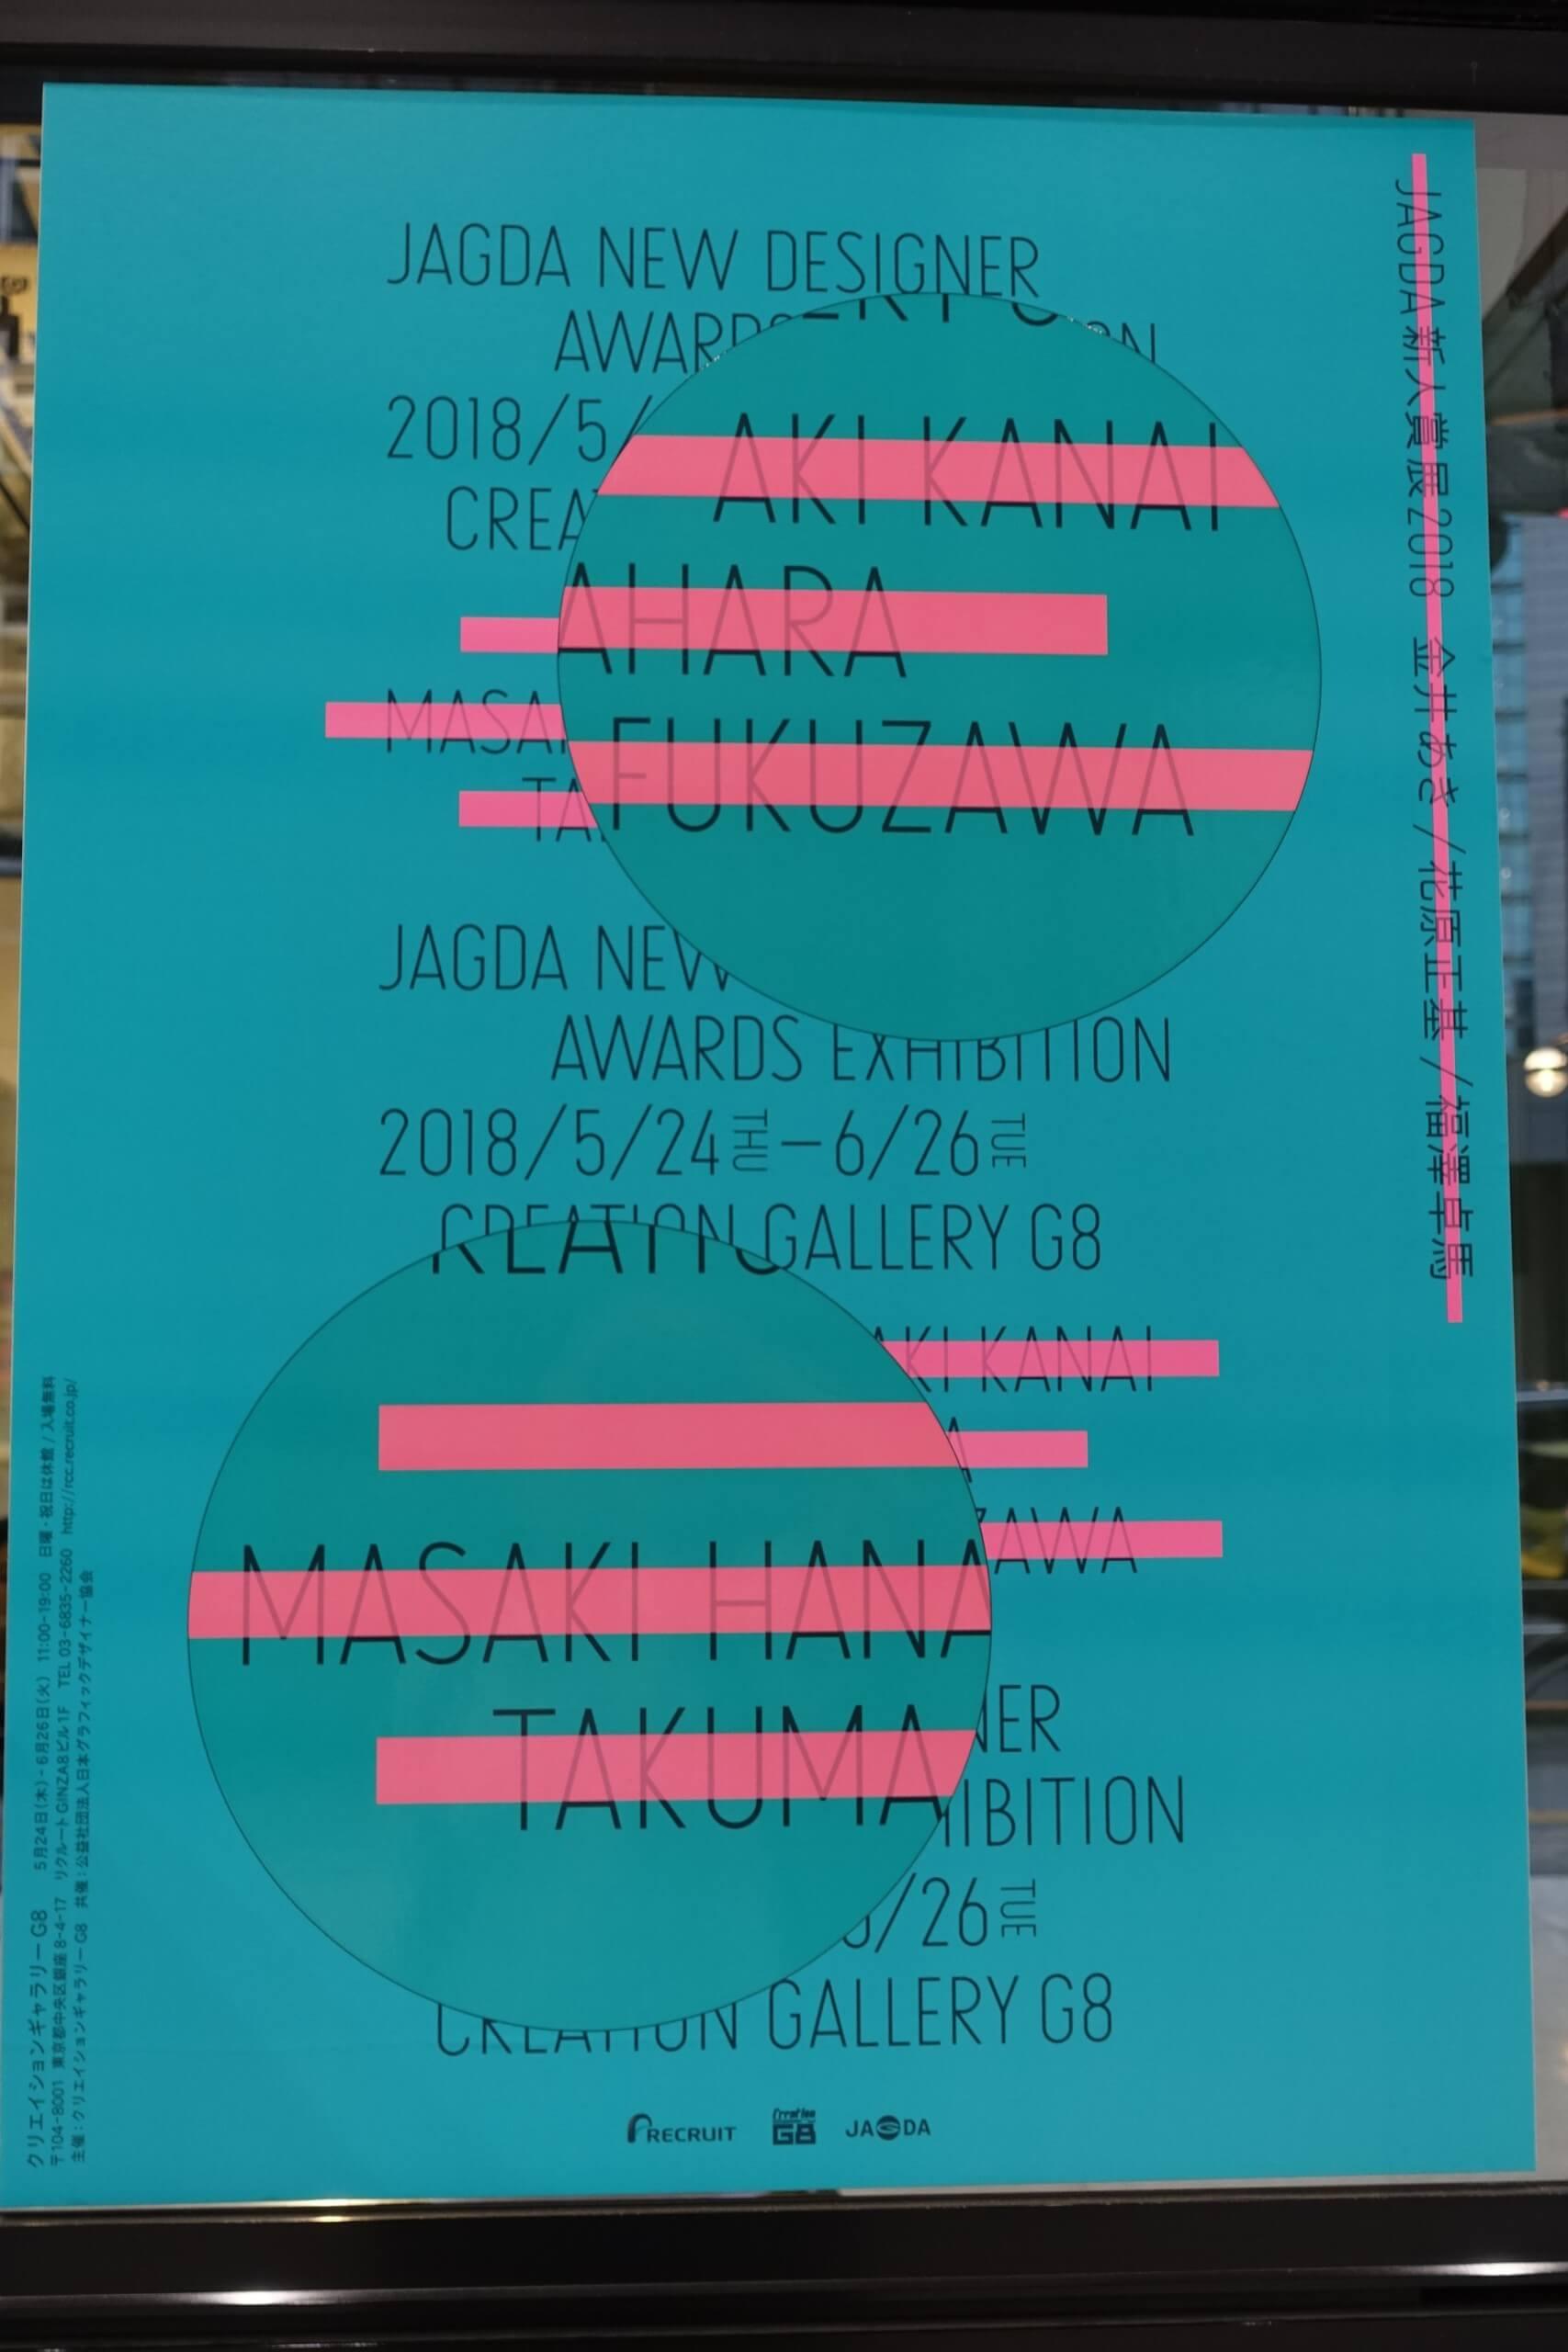 JAGDA新人賞展2018 金井あき・花原正基・福澤卓馬@クリエイションギャラリーG8